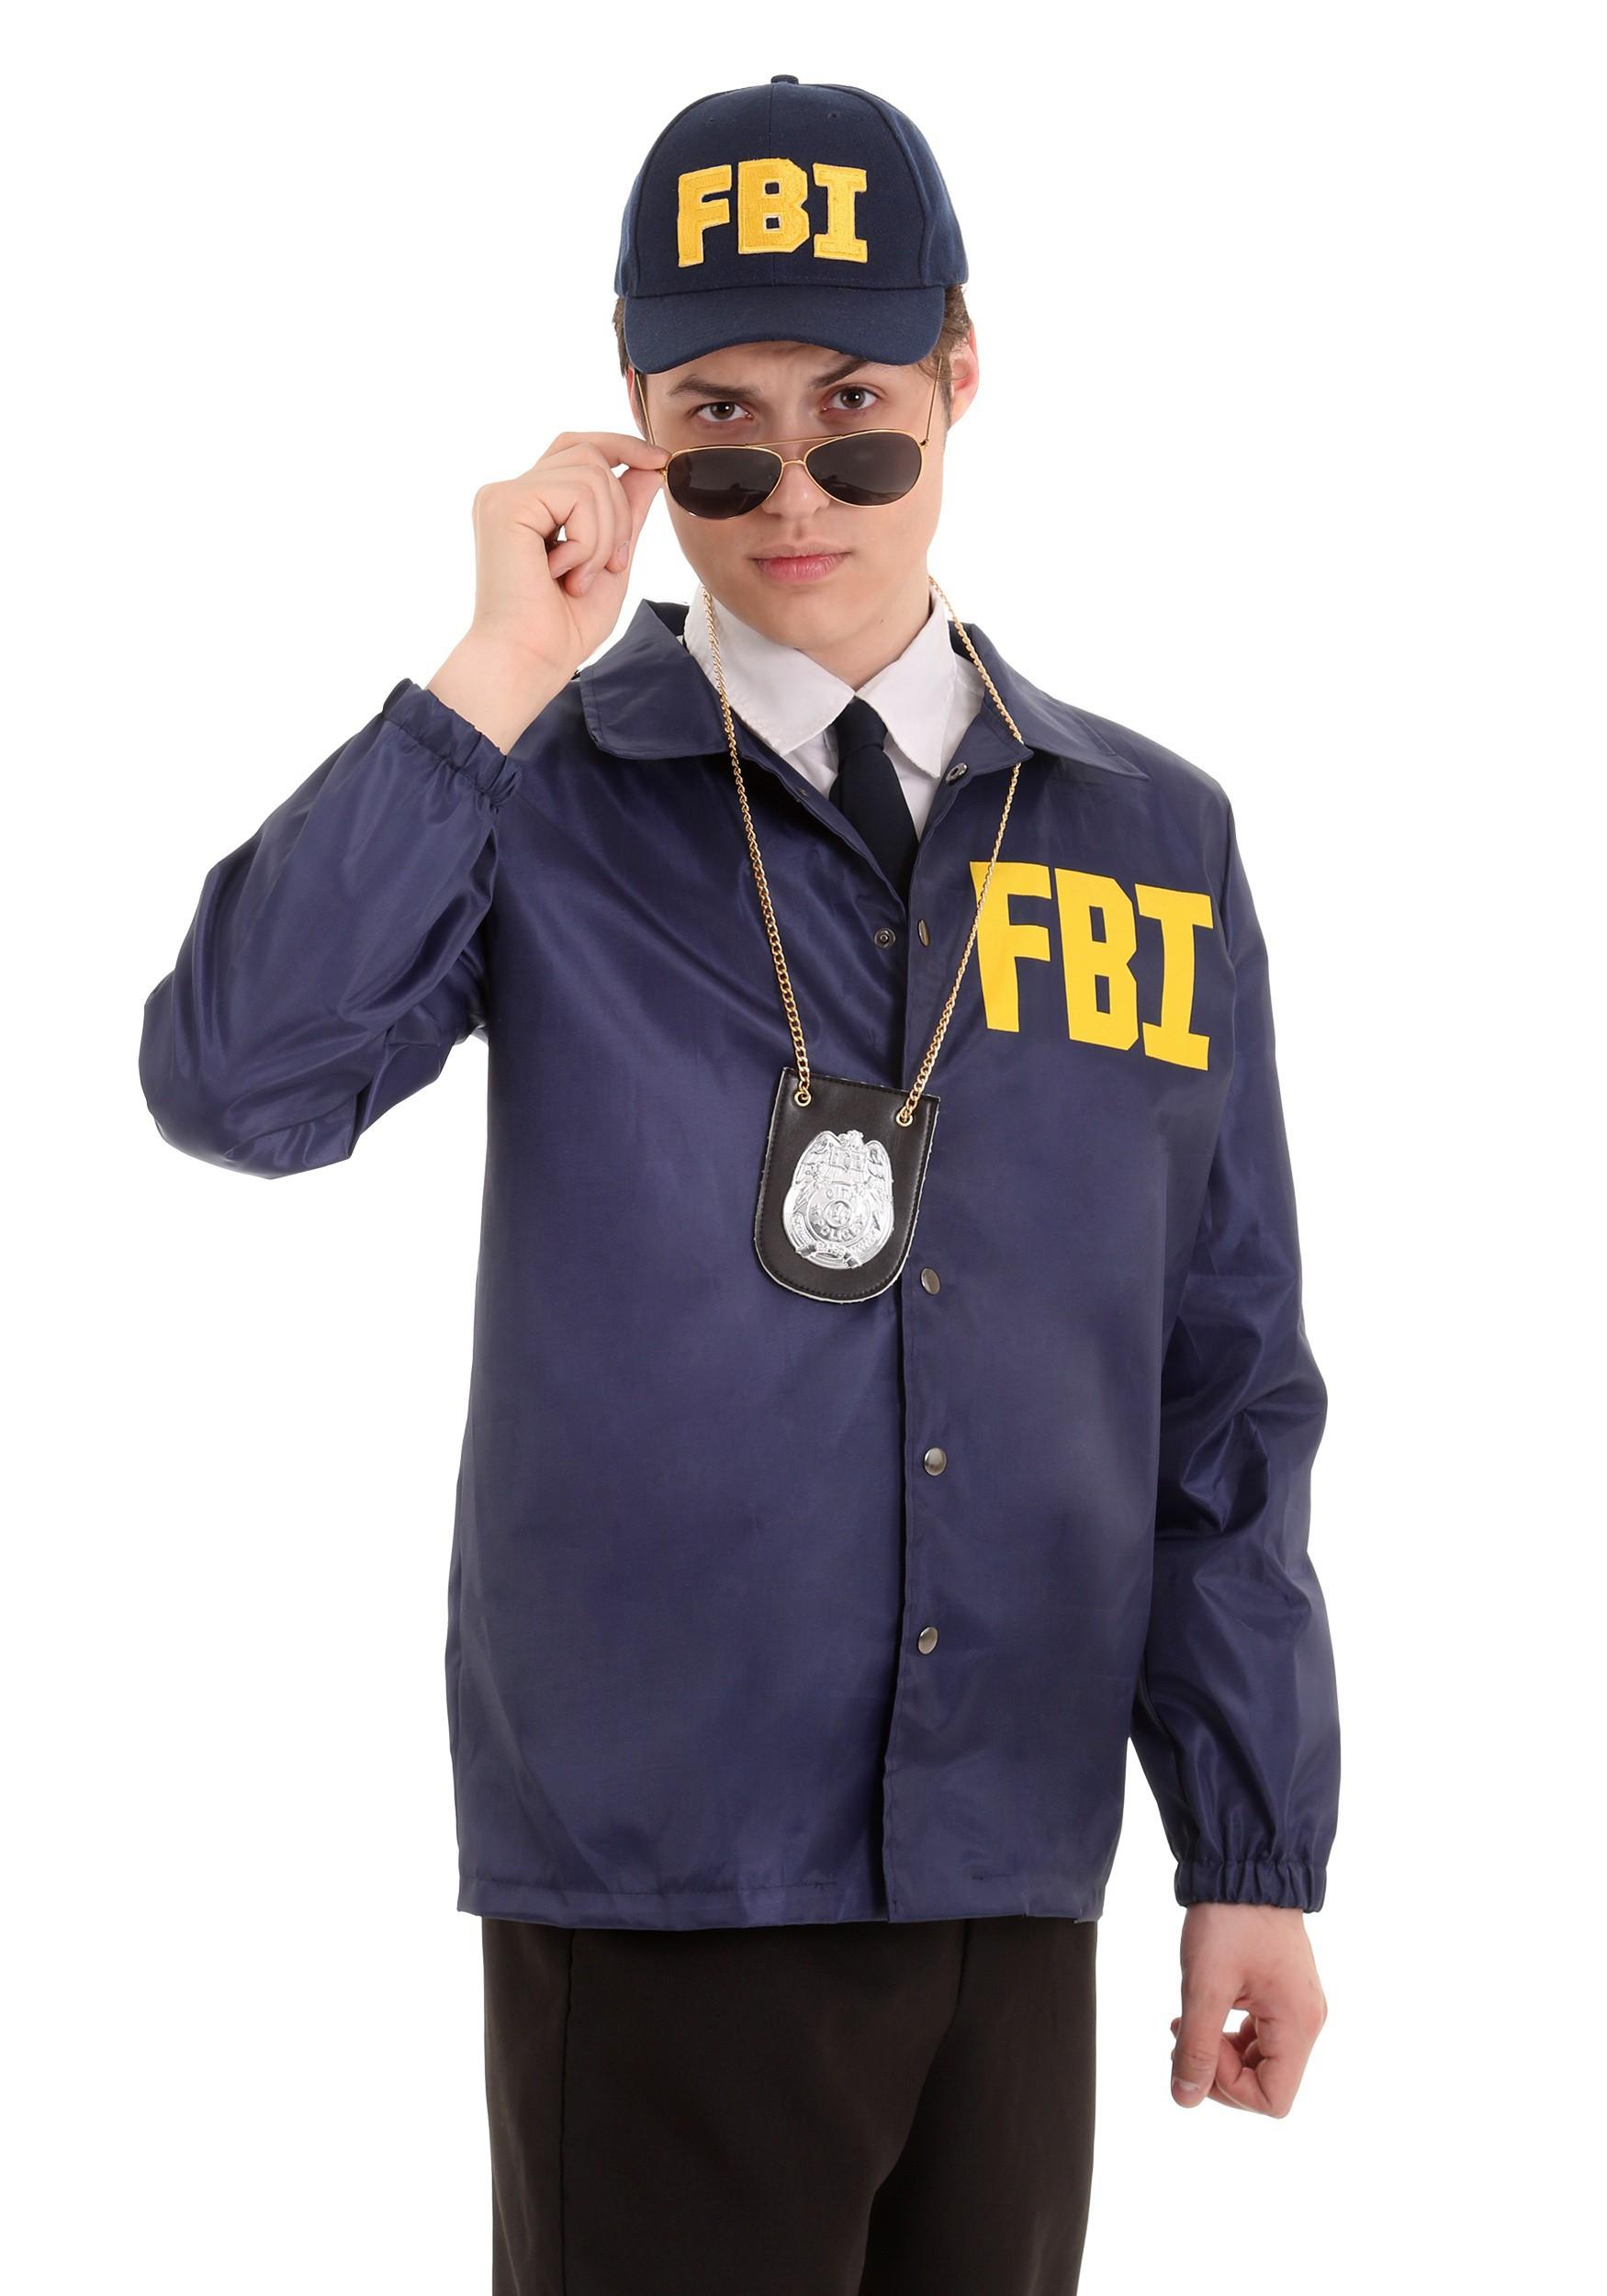 adult-fbi-costume.jpg